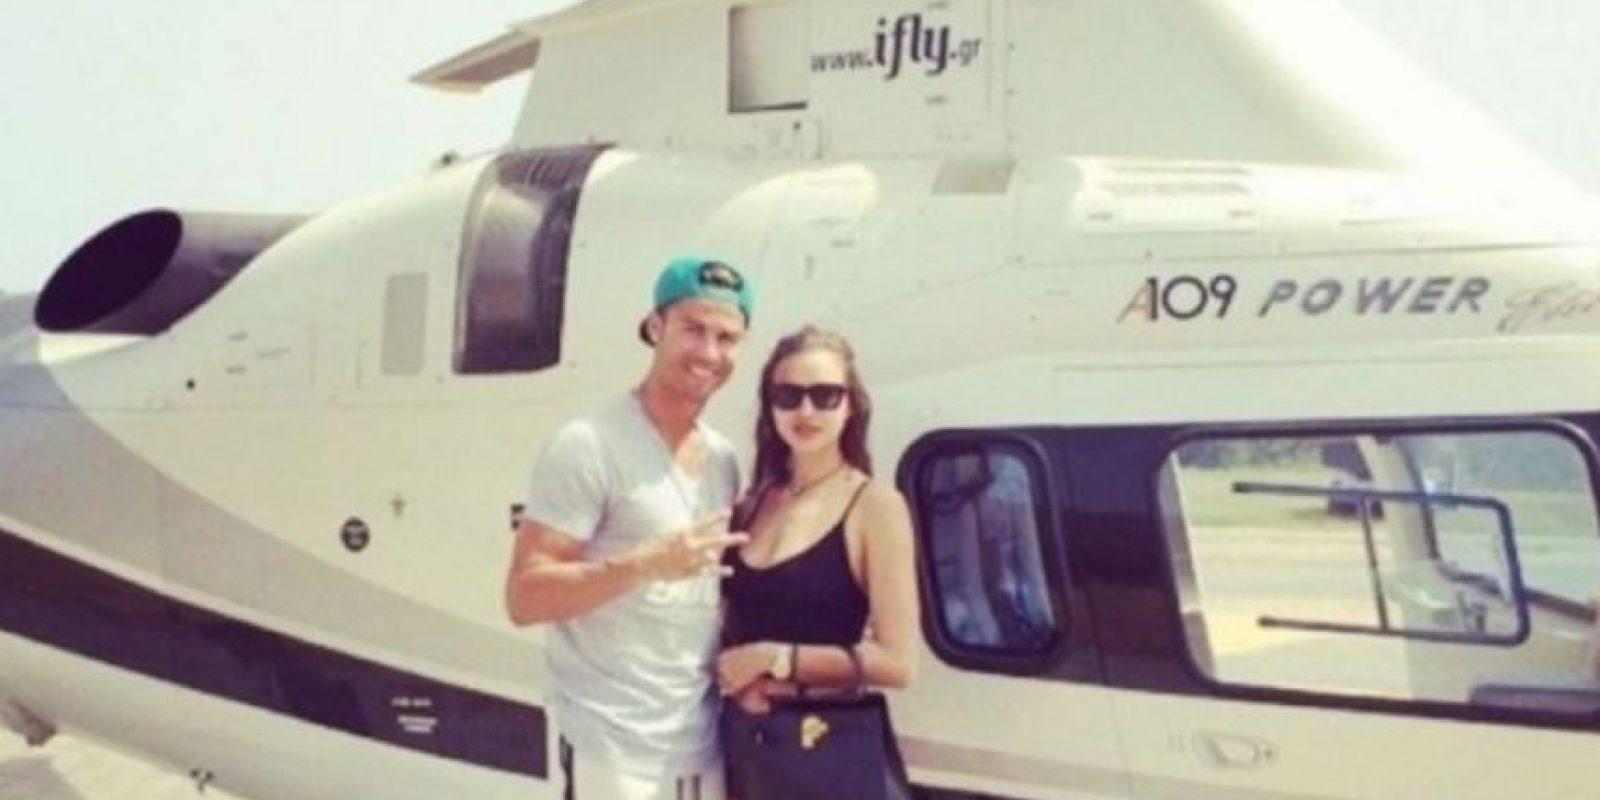 La pareja terminó después de cinco años de relación Foto:Instagram: @cristiano